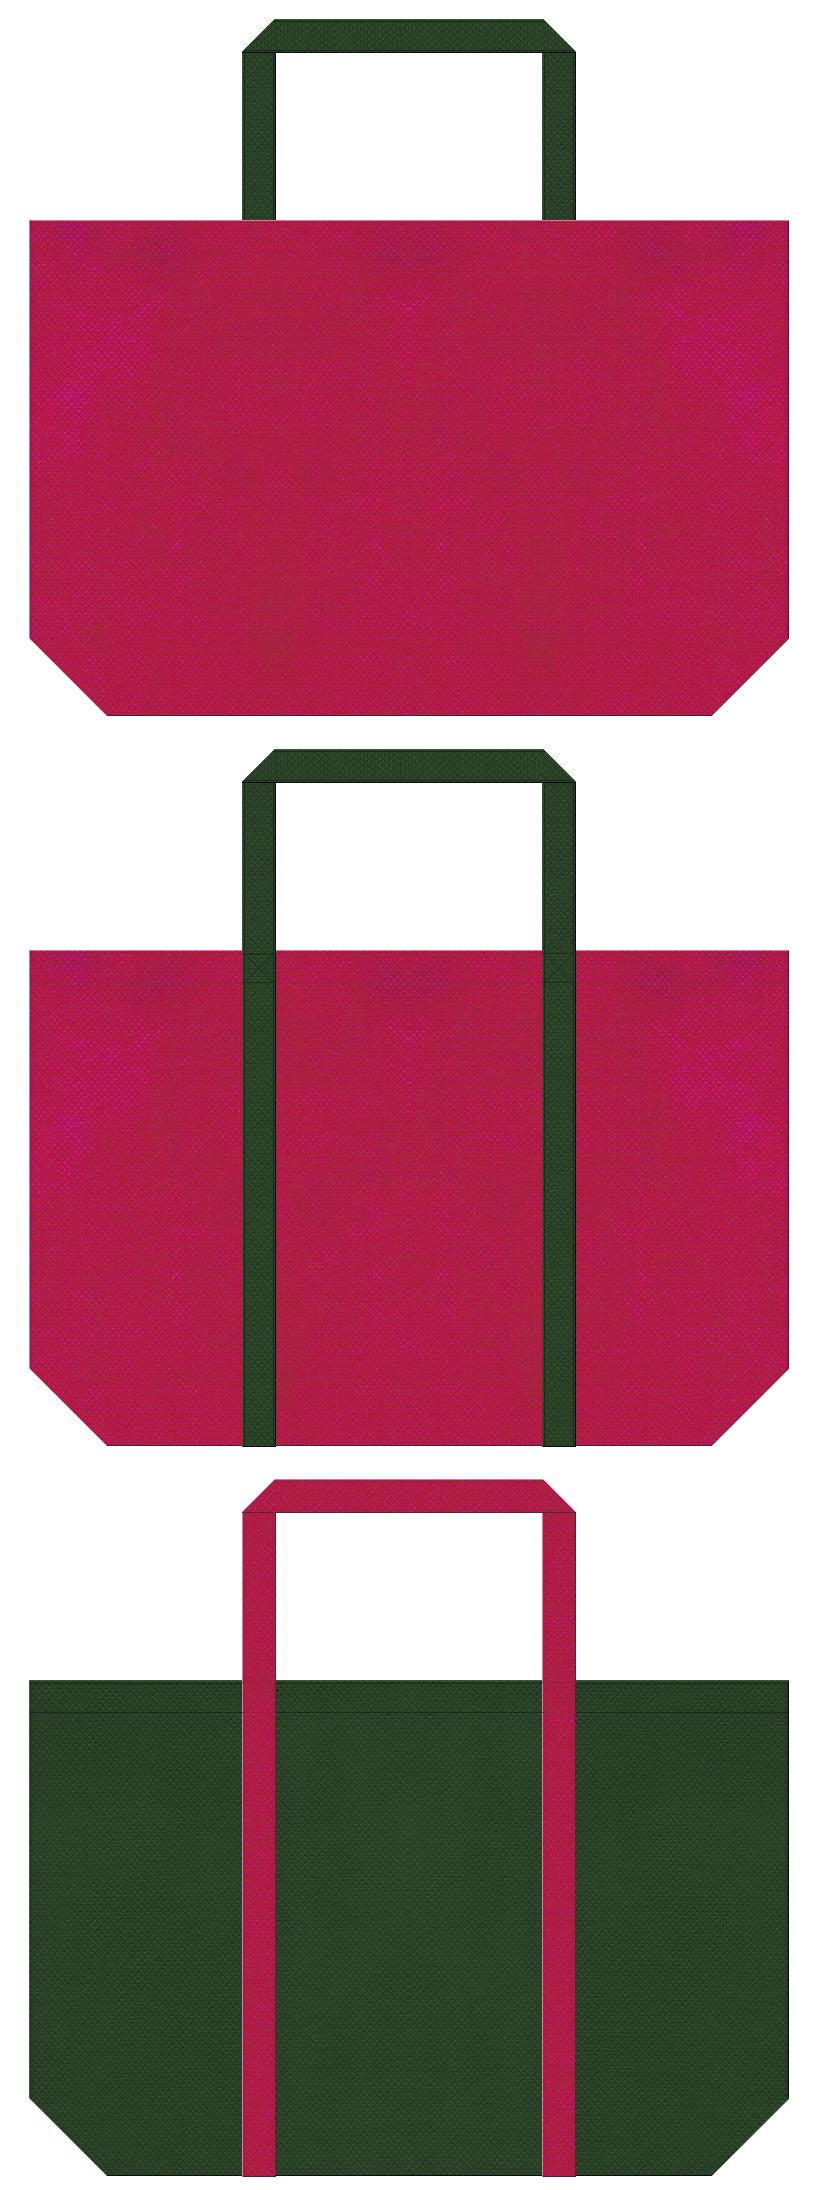 卒業式・成人式・梅・振袖・着物・帯・写真館・学園・学校・和風催事のノベルティにお奨めの不織布バッグデザイン:濃いピンク色と濃緑色のコーデ